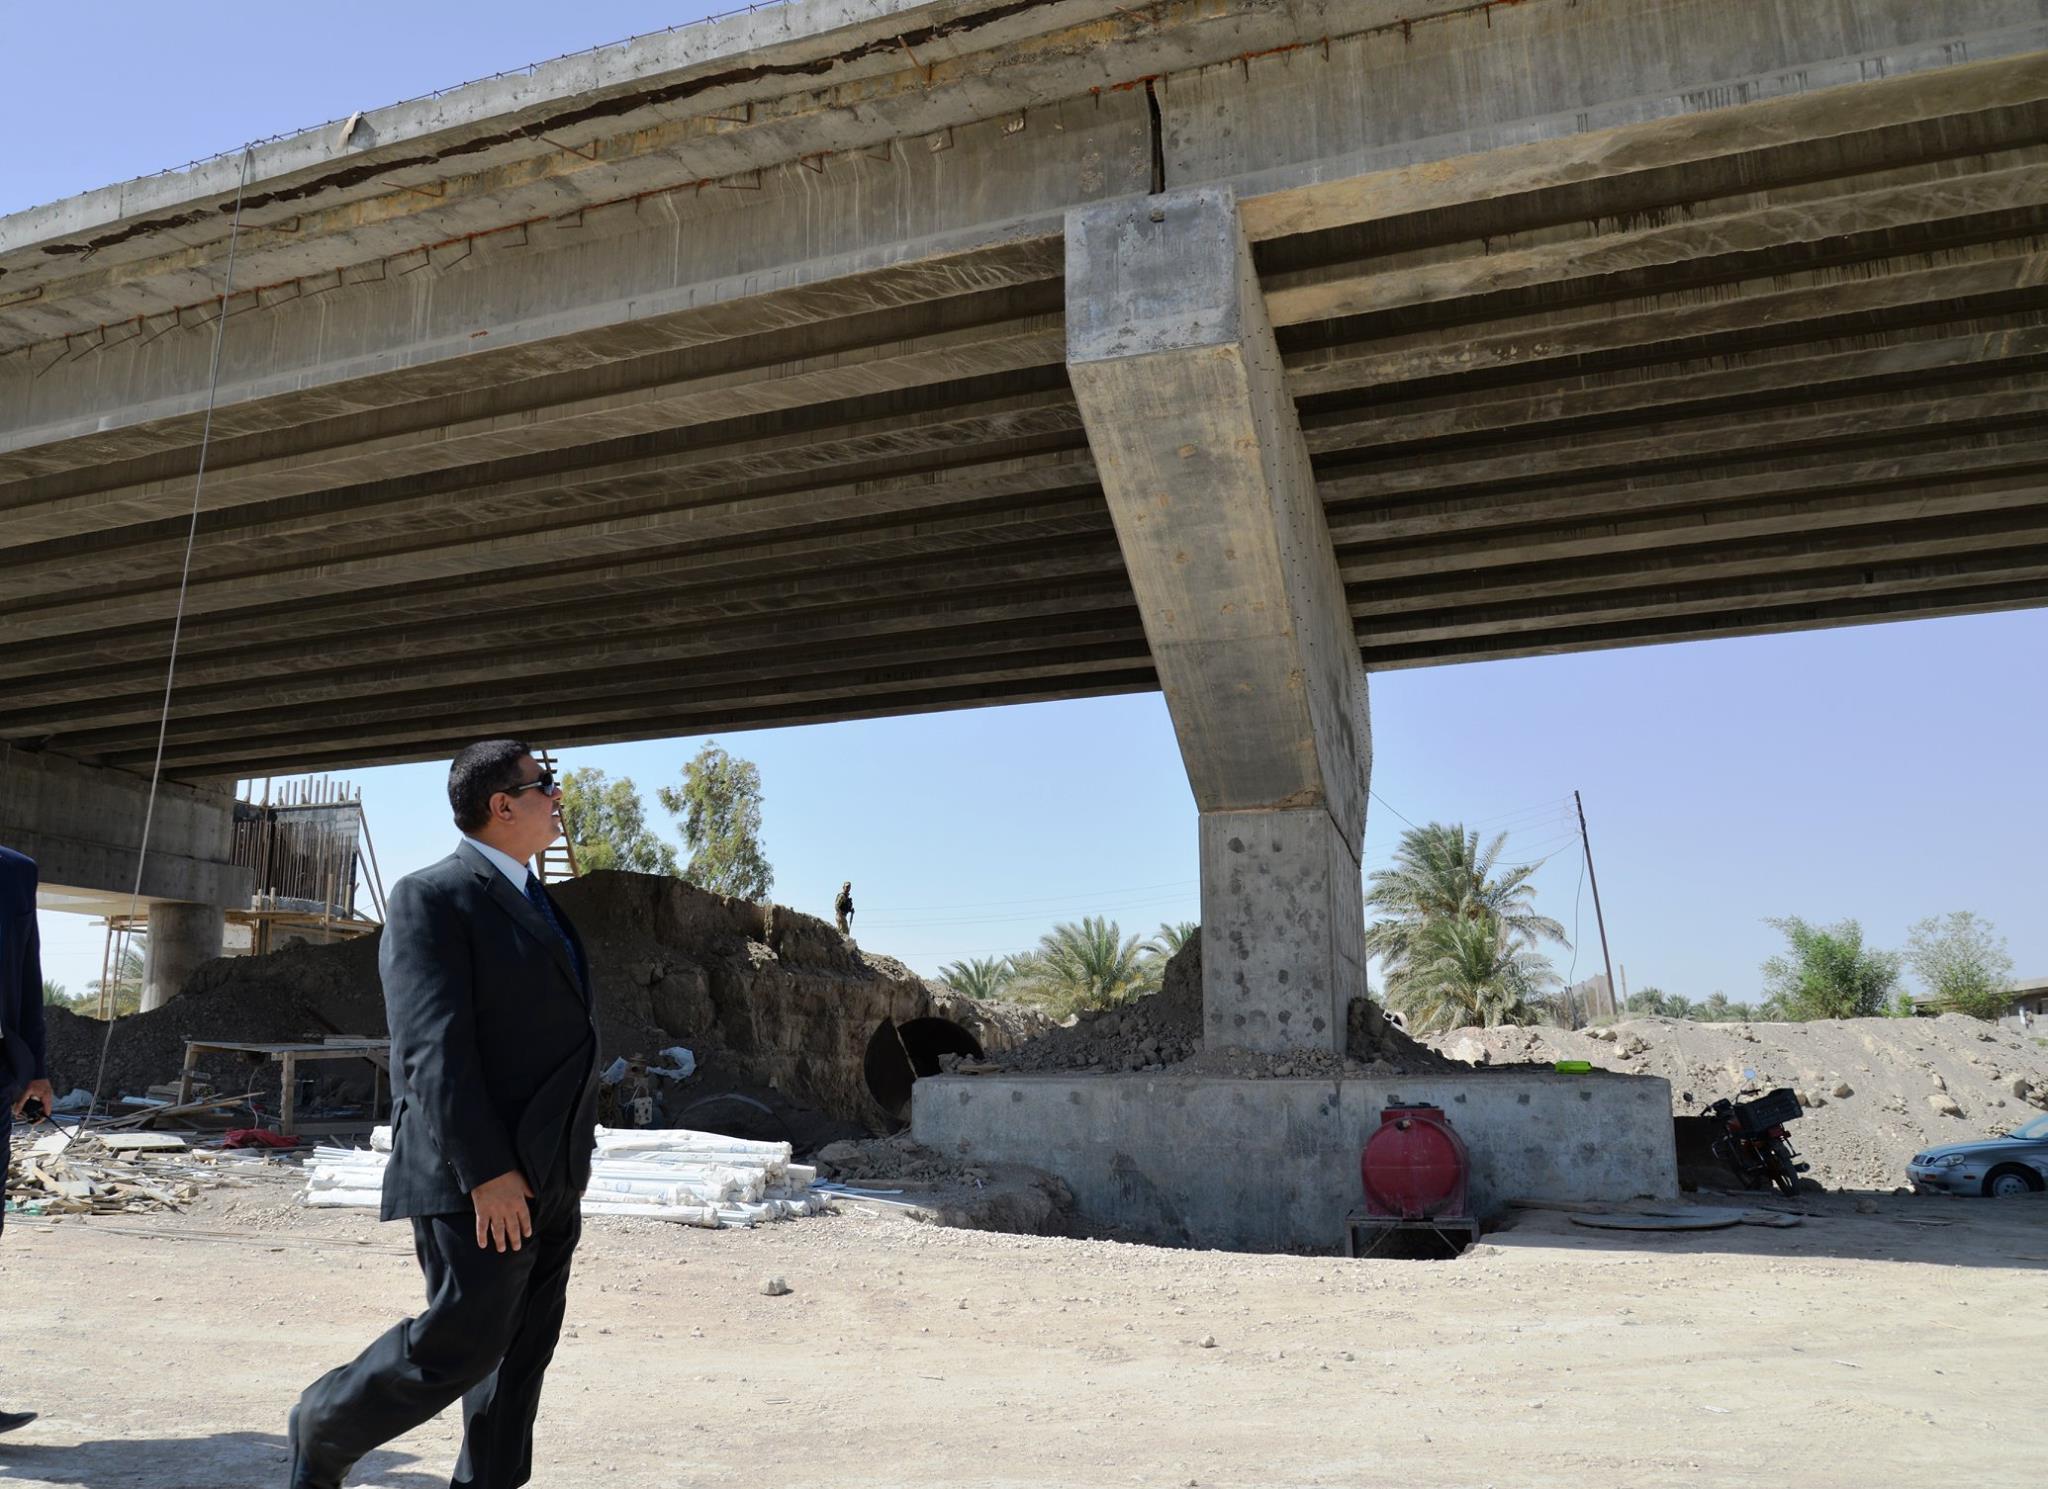 محافظ المثنى يتفقد مراحل العمل في مشروع جسر شمال السماوة